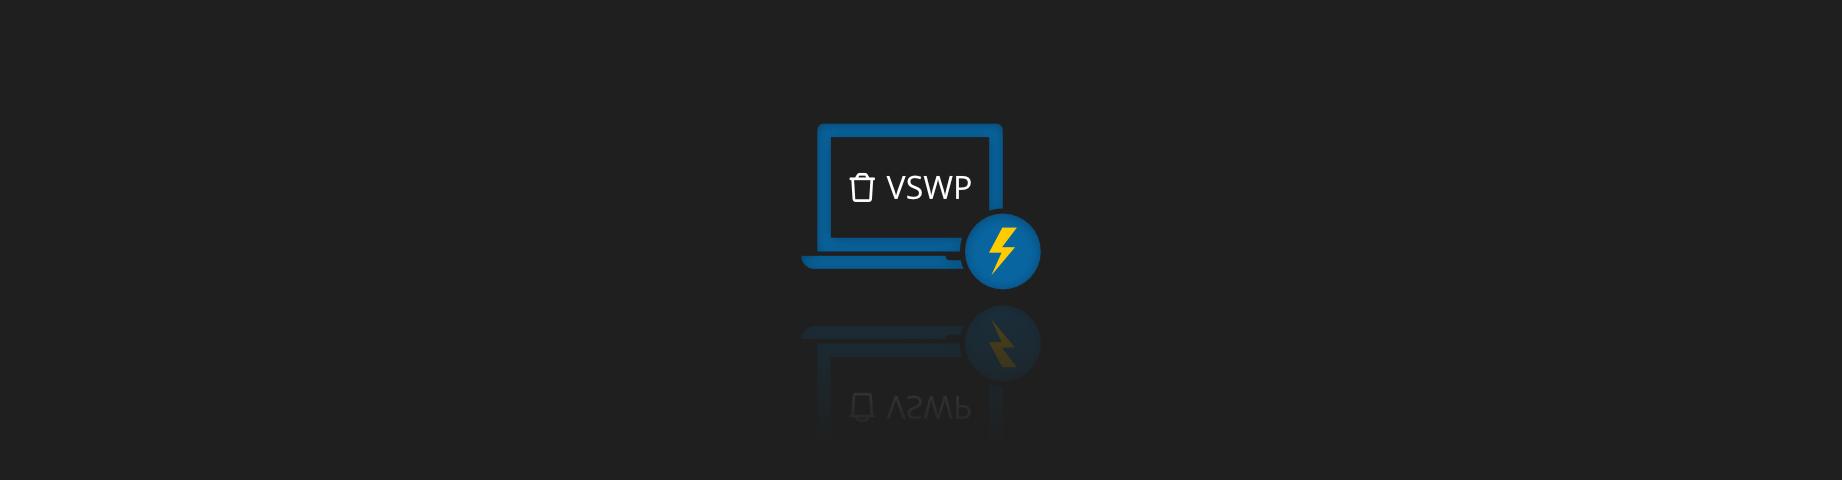 Can I delete the VSWP file